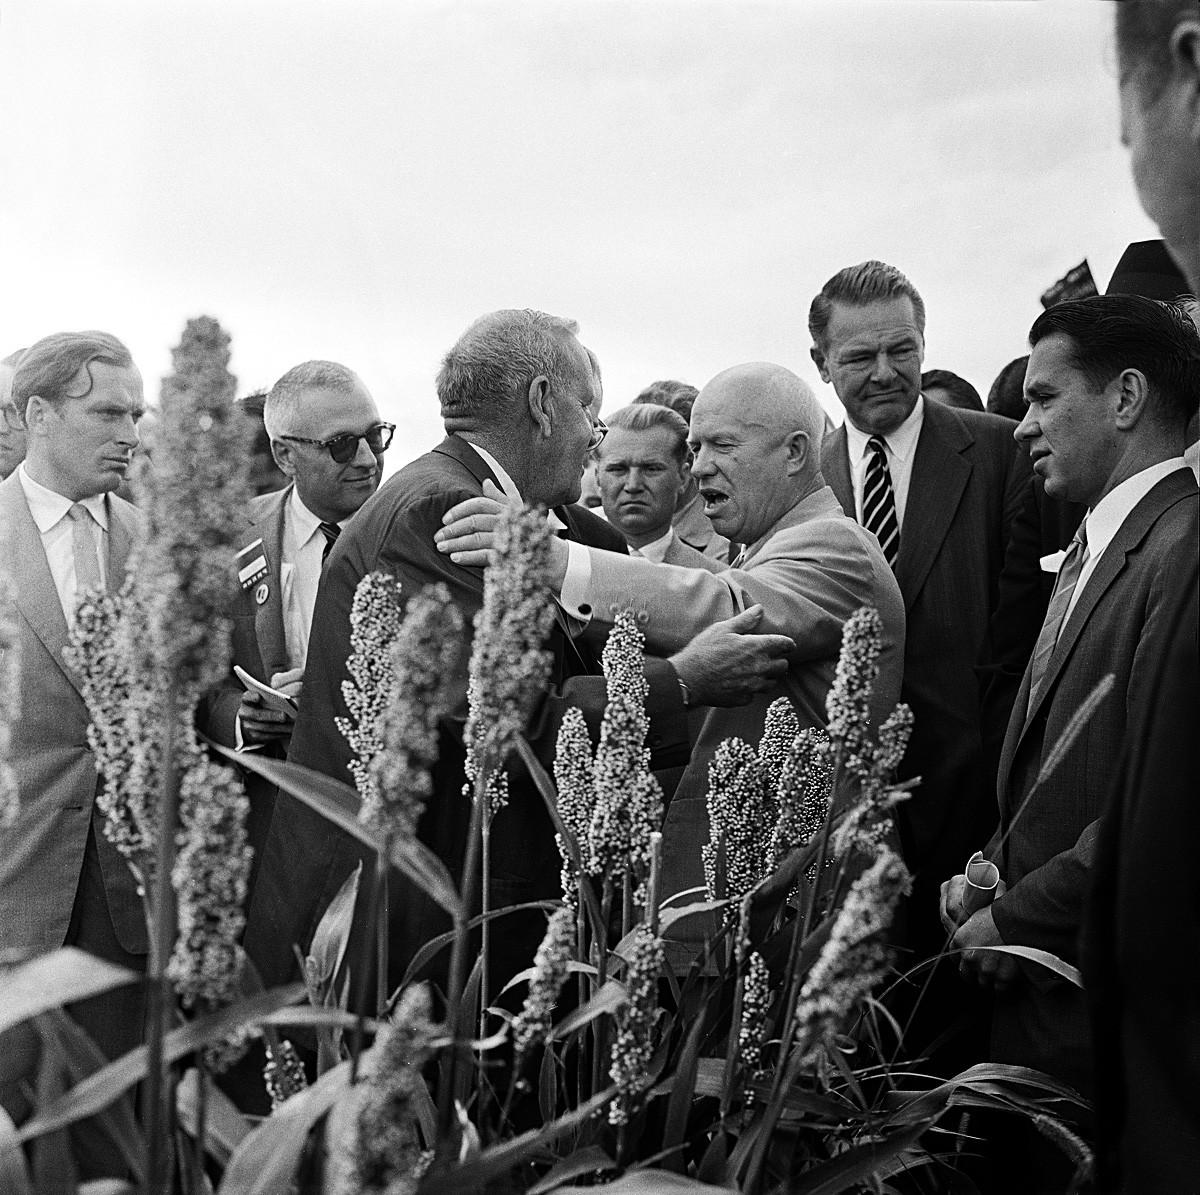 Никита Хрушчов и неговият домакин Розуел Гарст разговарят помежду си в полето  по време на обиколка на фермерска площ в Куун Рапидс, Айова, 23 септември 1959 г.